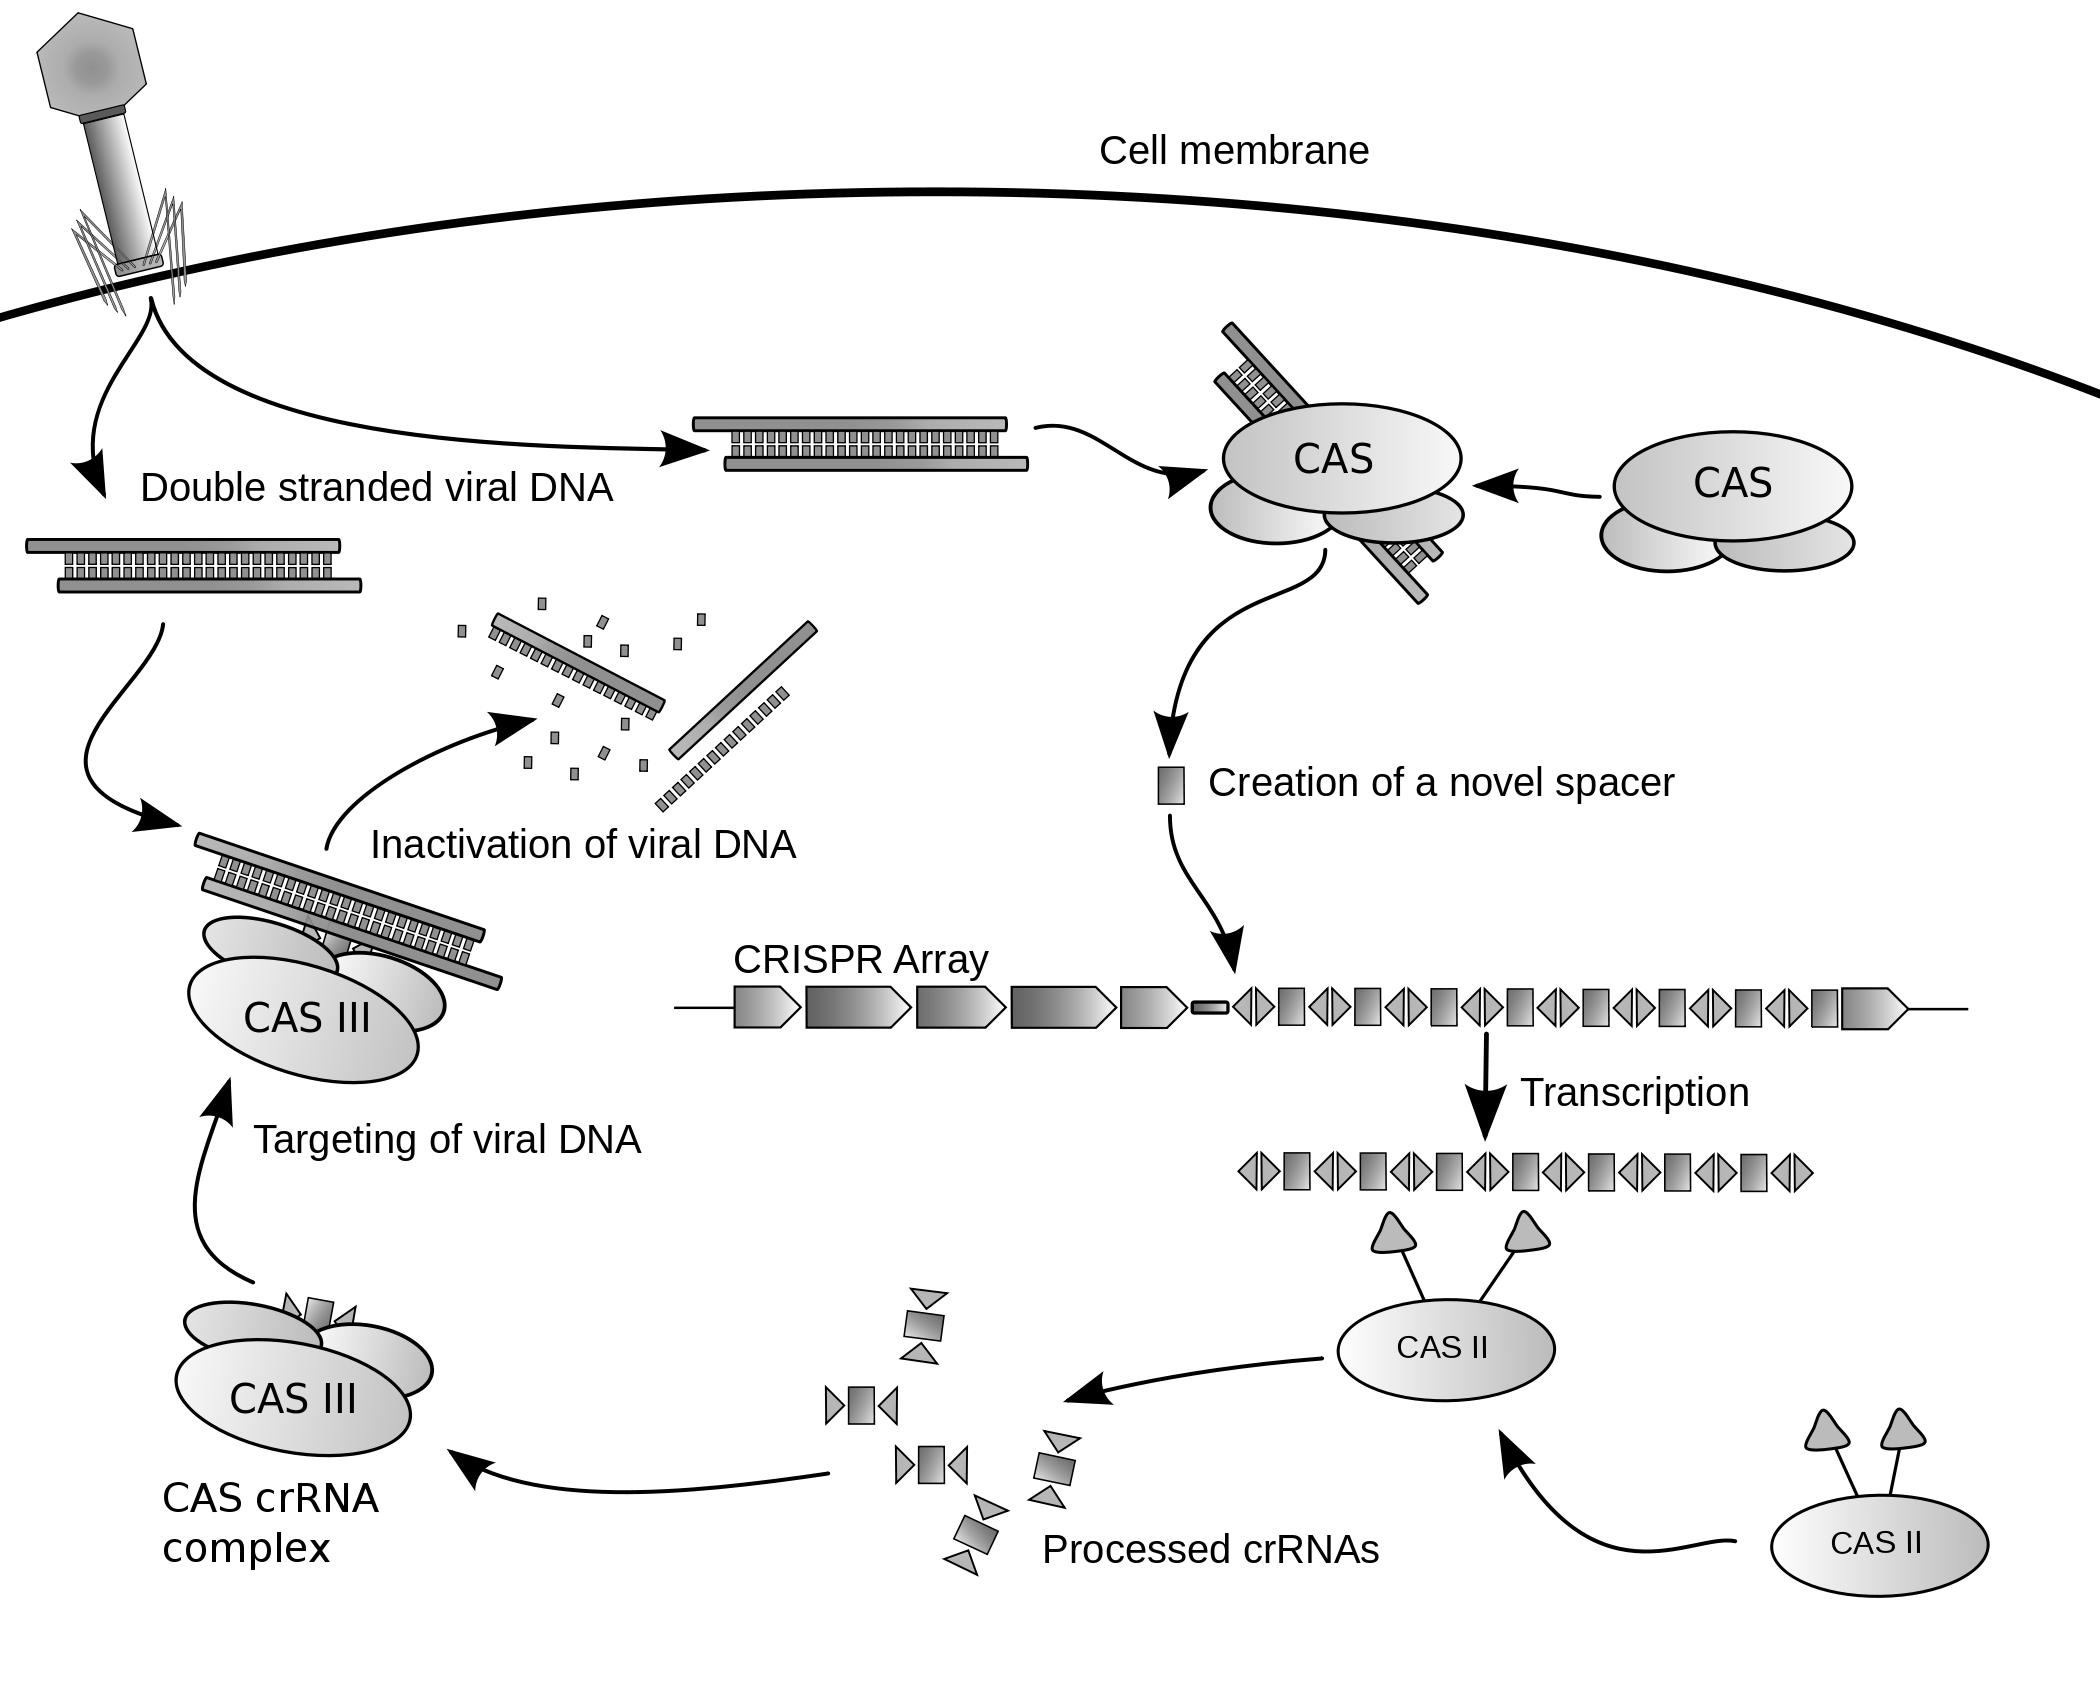 crispr-cas9-mechanism-schematic